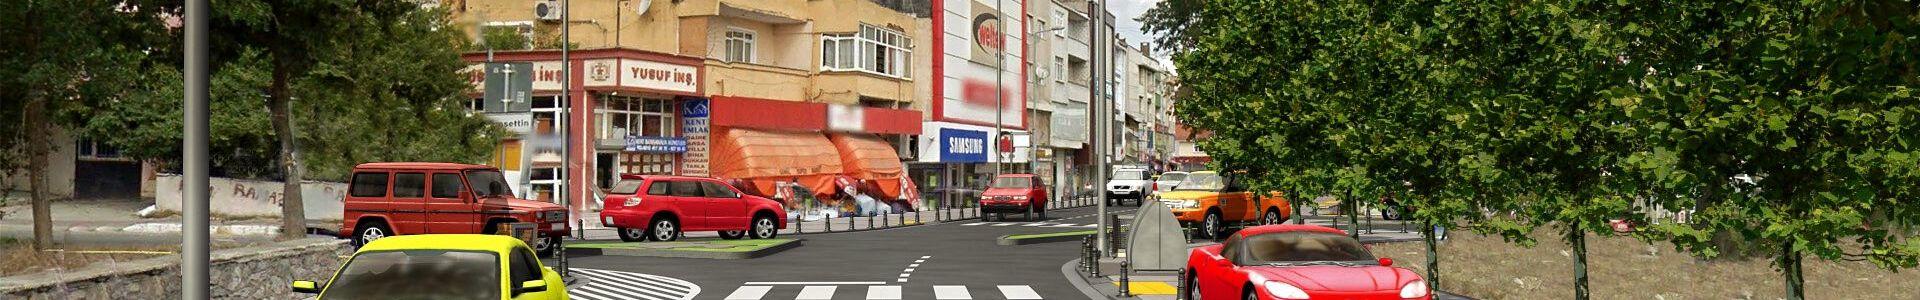 Cengiz Topel Caddesi